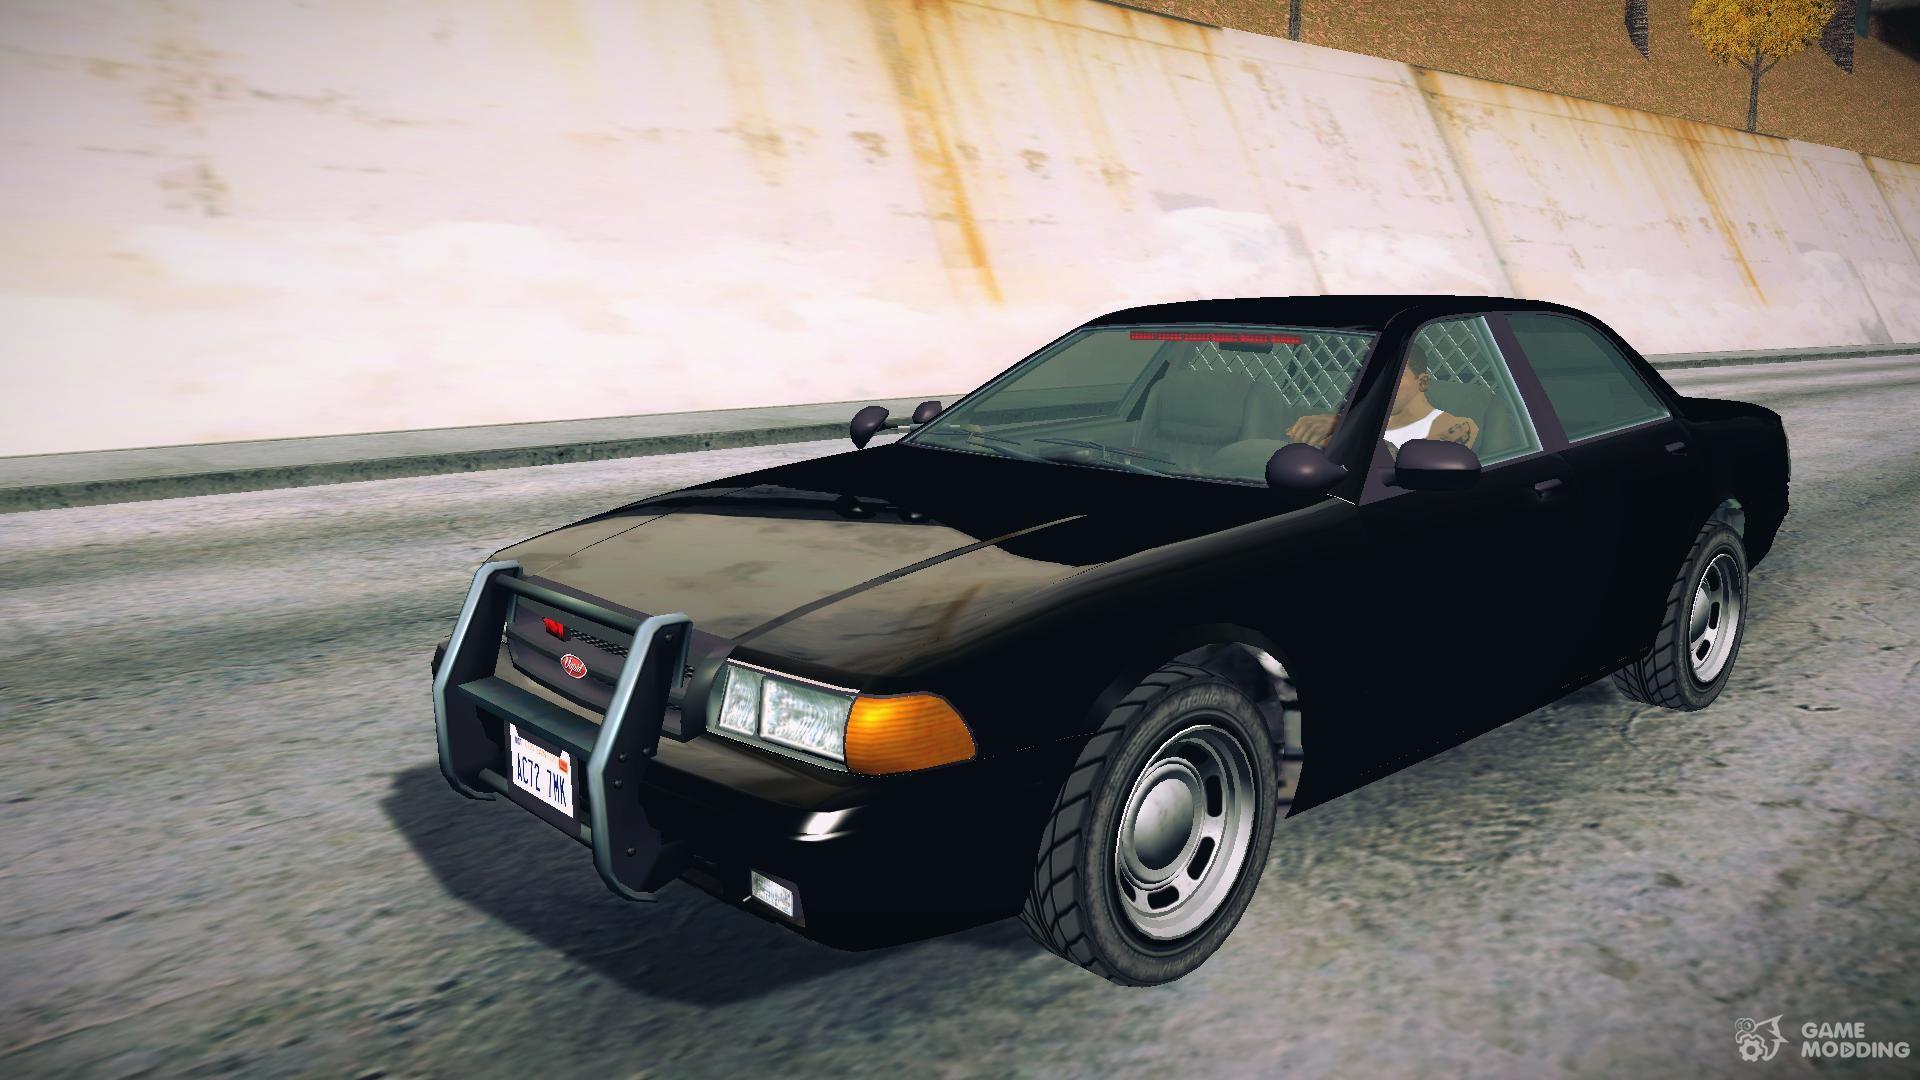 Unmarked police car gta 5 - Gta V Unmarked Police Cruiser For Gta San Andreas